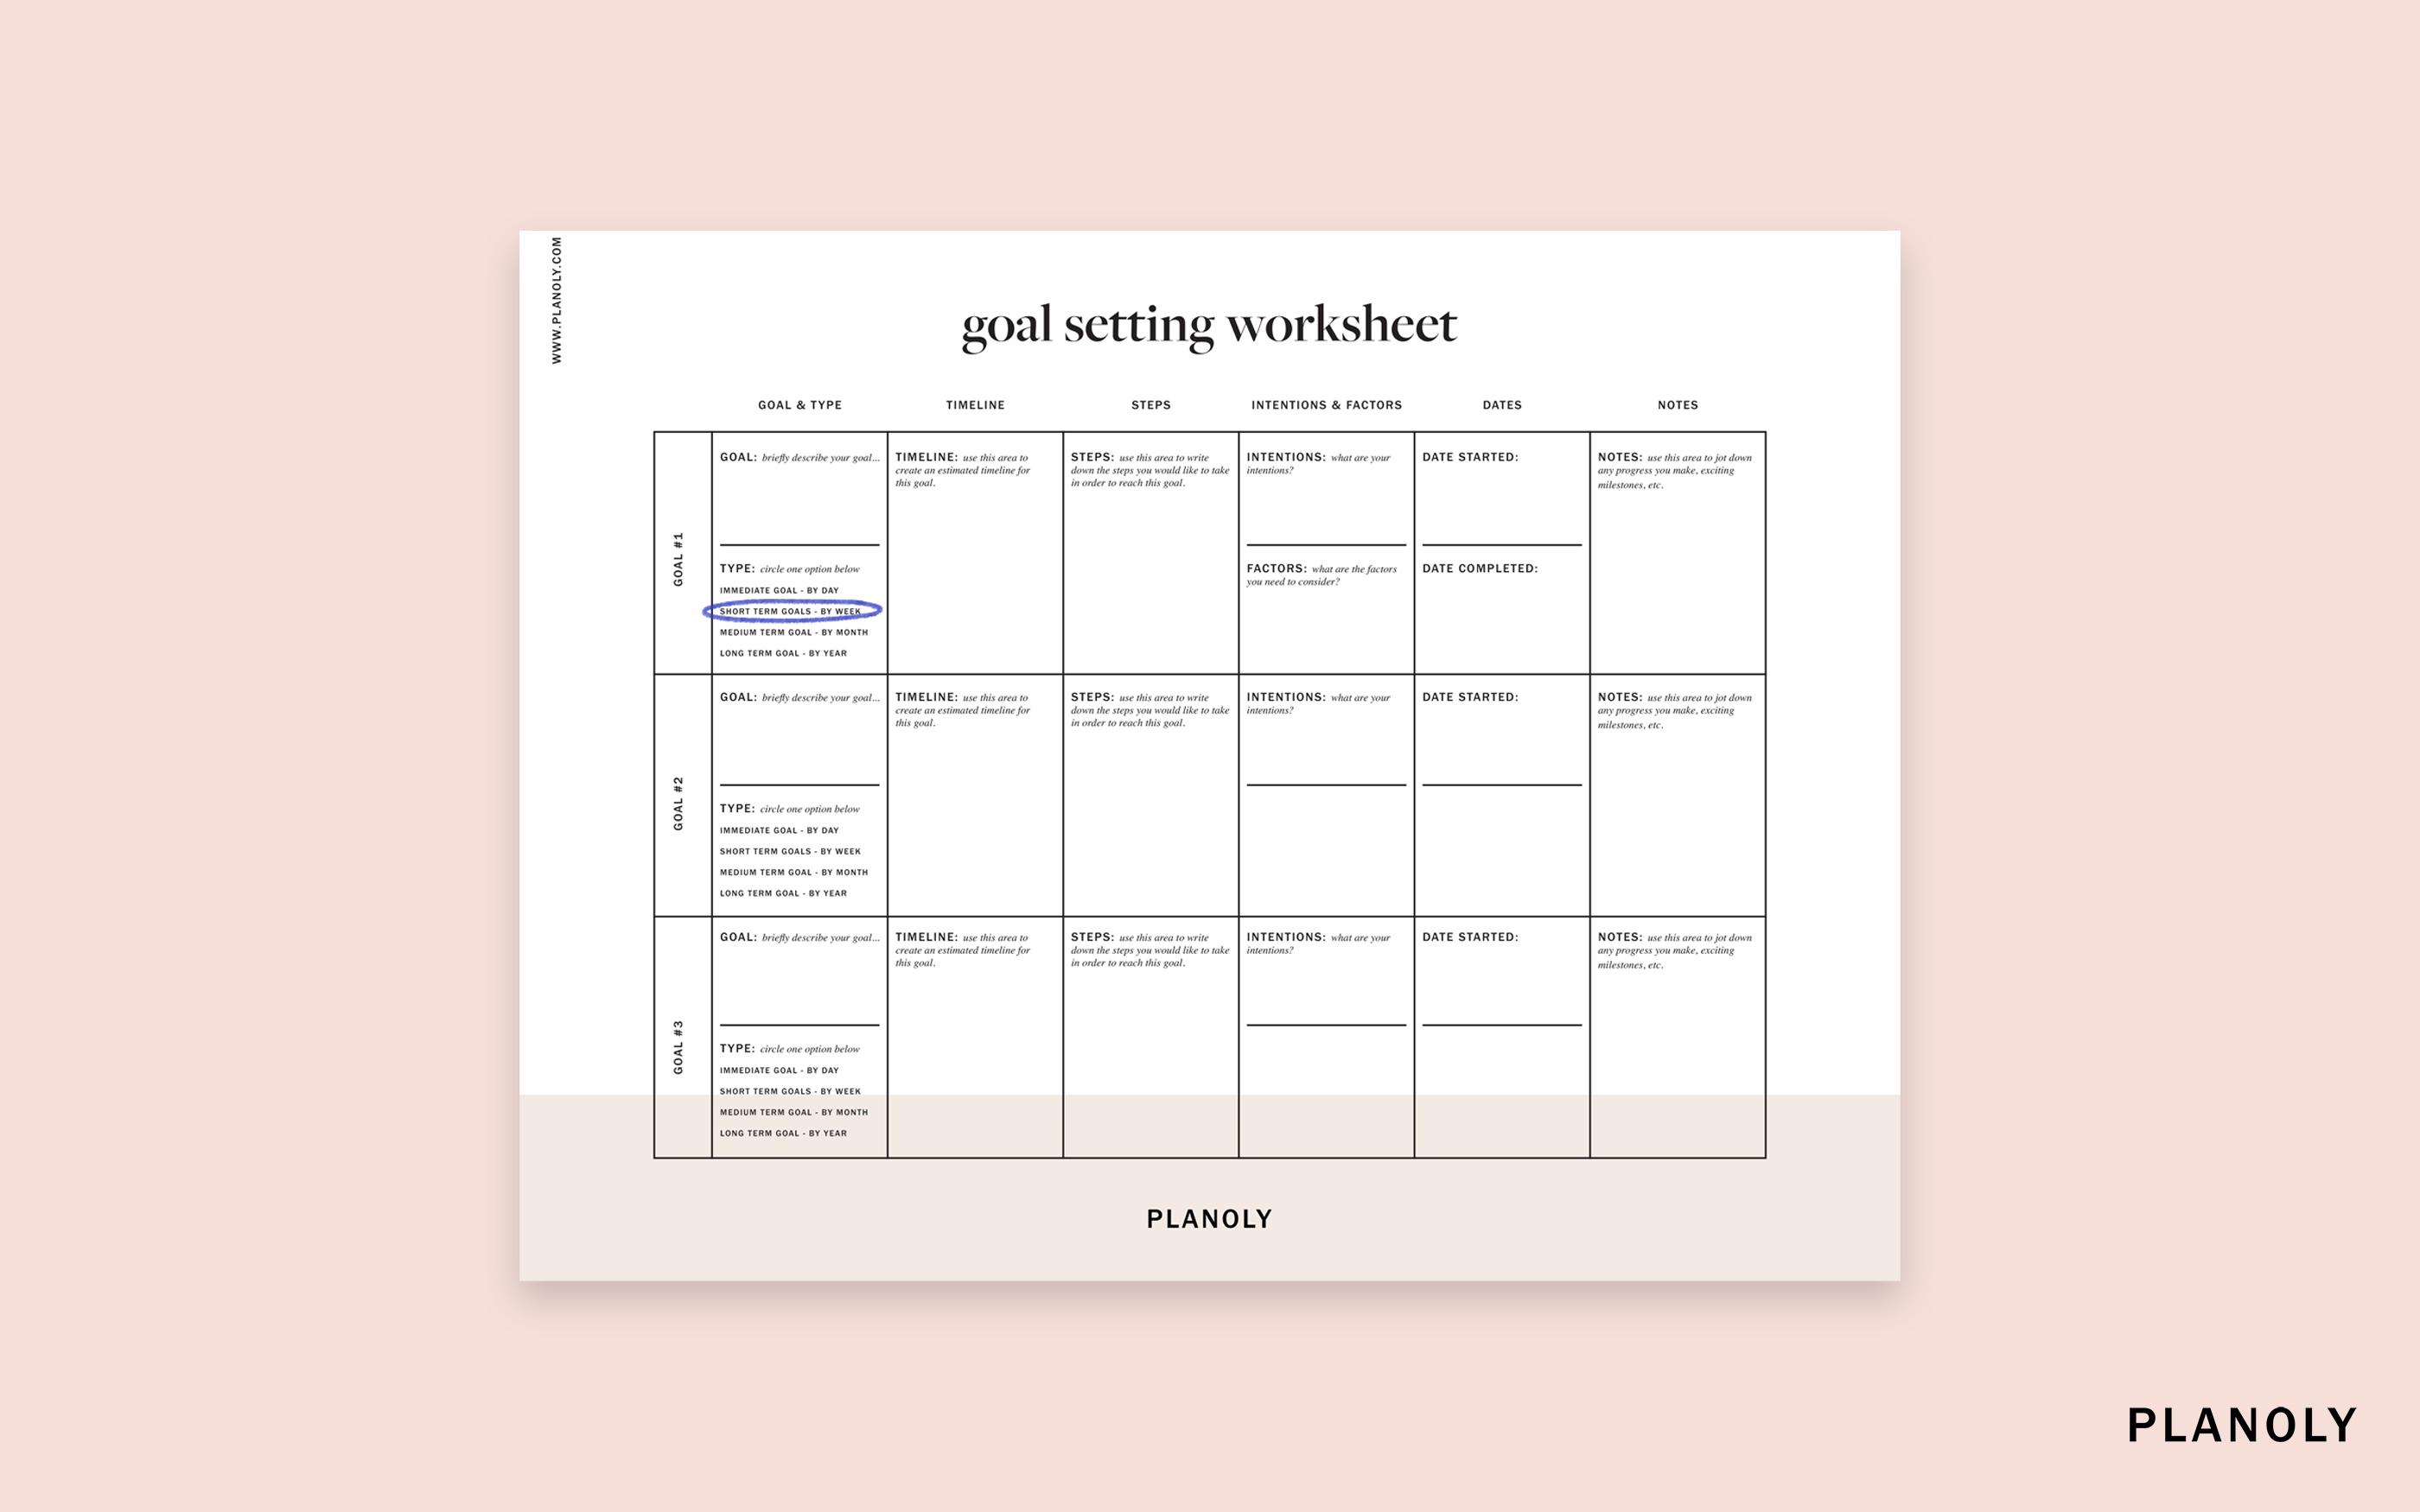 Planoly's Influencer Goal Setting Worksheet